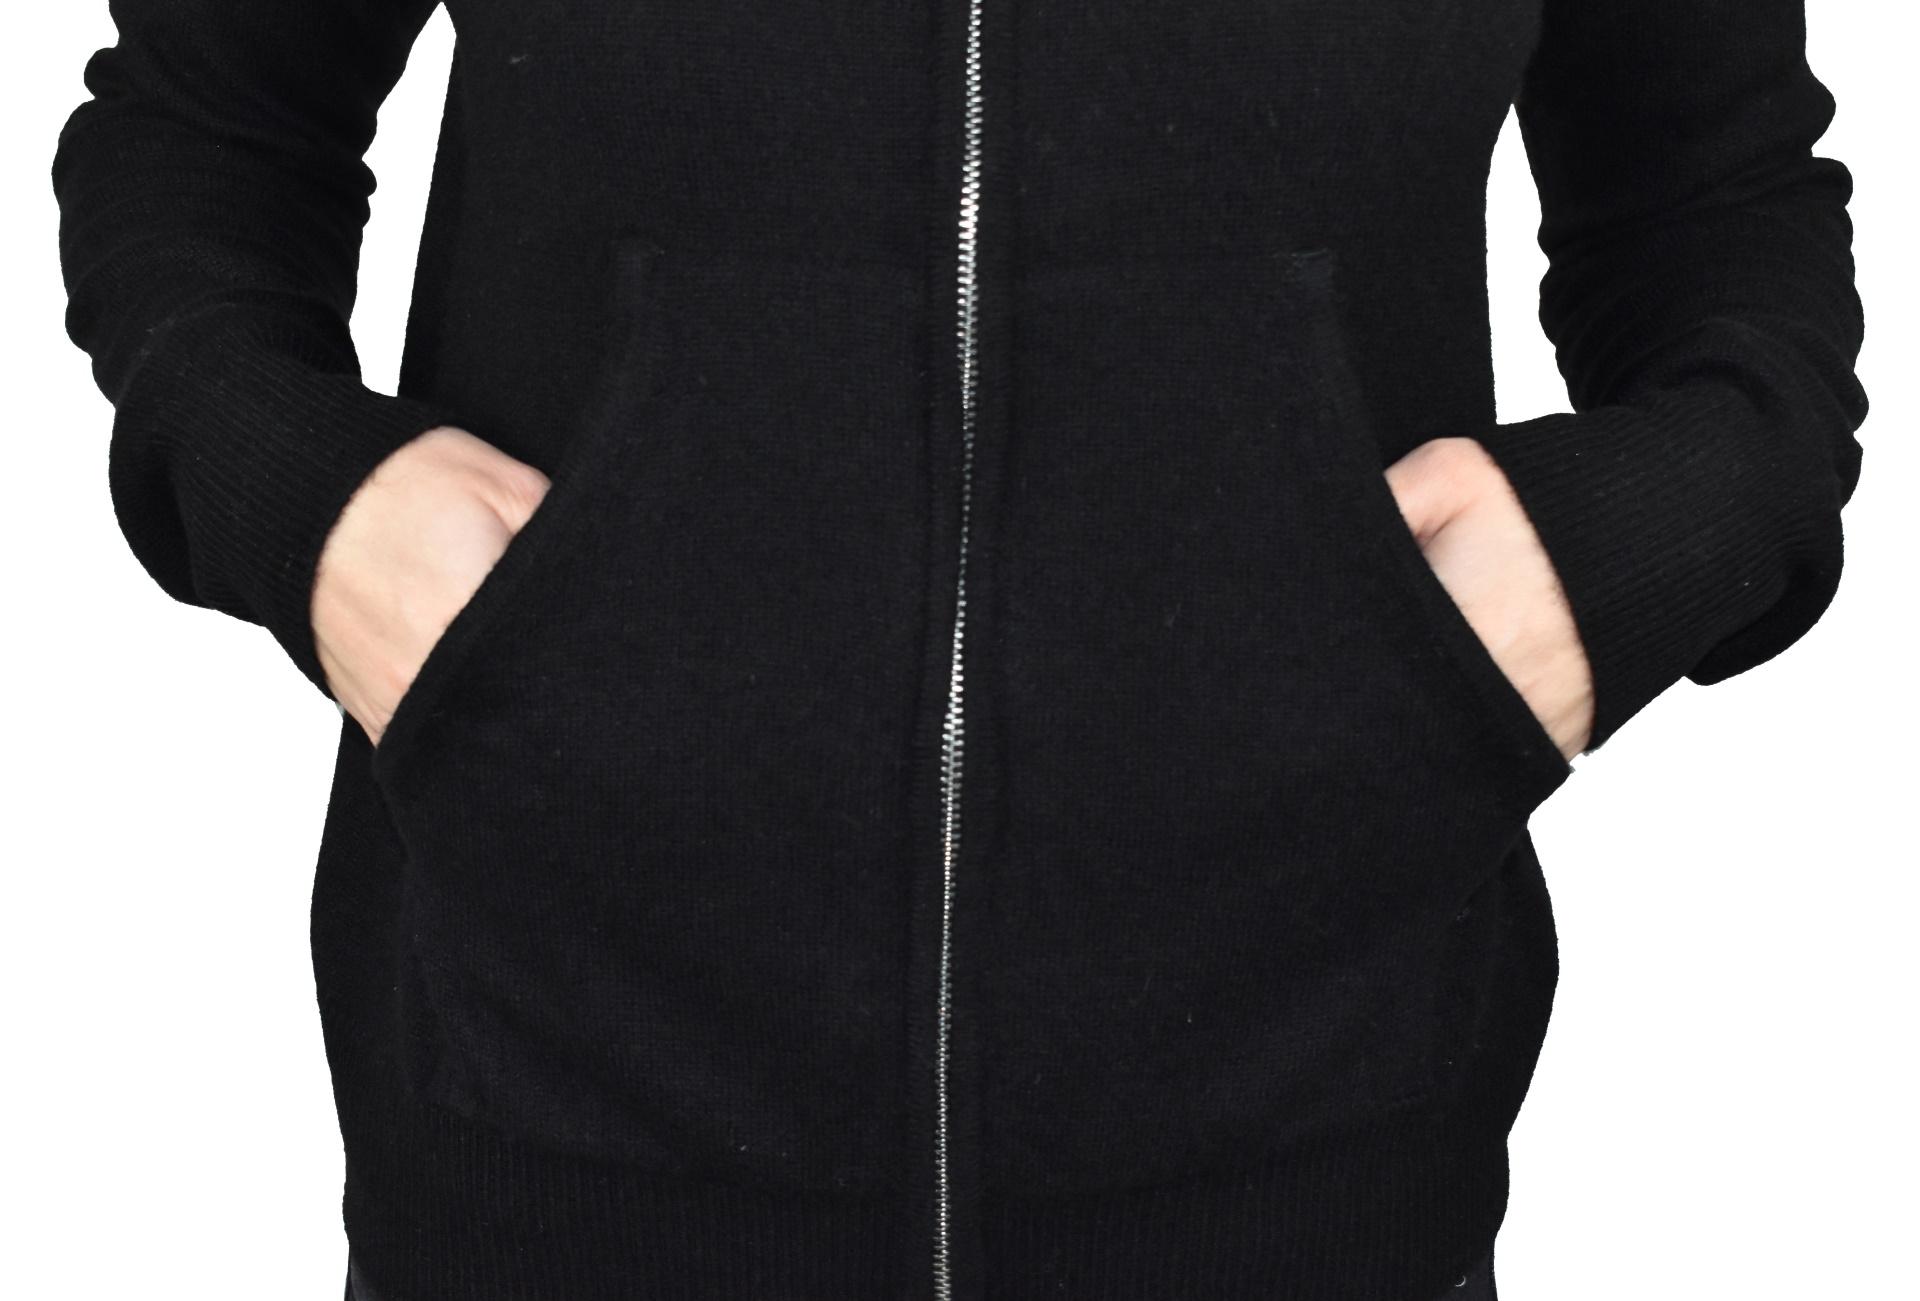 LILIMBA NERO CARDIGAN DONNA CON CAPPUCCIO 100 CASHMERE MANICA LUNGA 4 1stAmerican cardigan con cappuccio 100% puro cashmere Made in Italy da donna con chiusura a zip - finezza 12